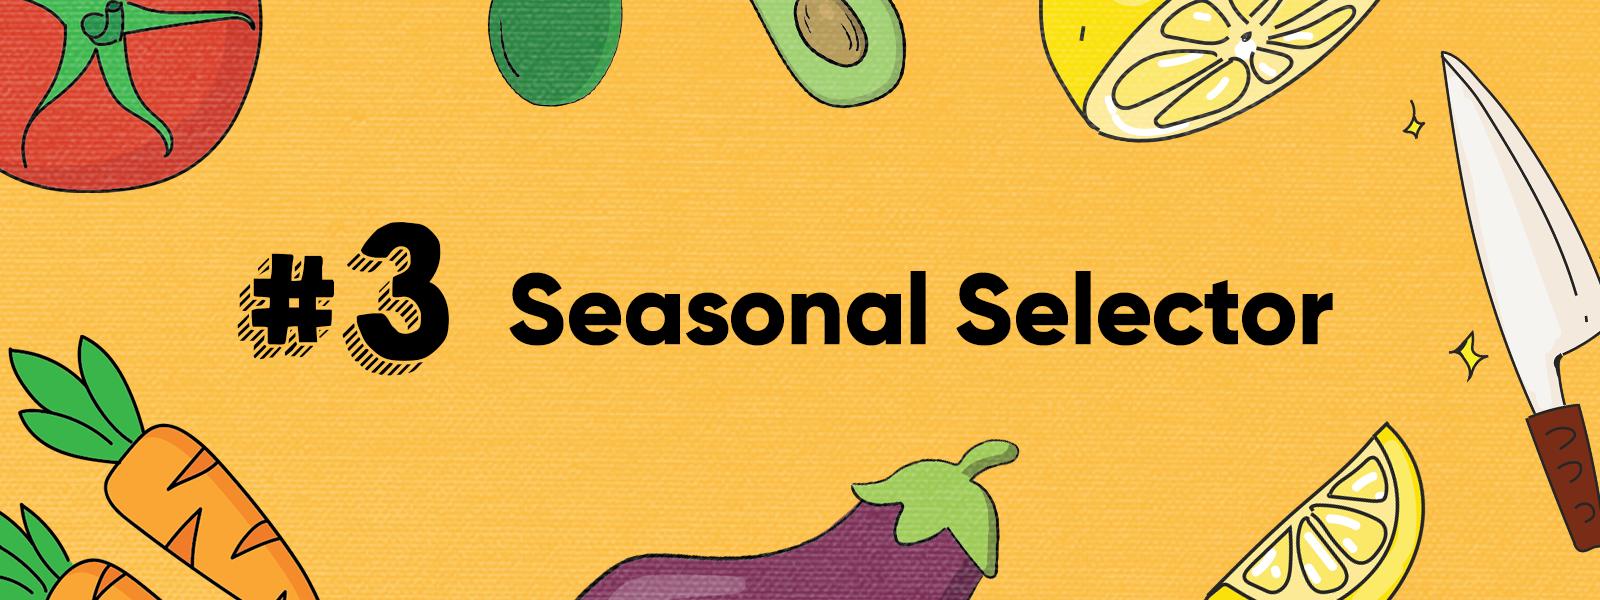 Skill 3: Seasonal Selector